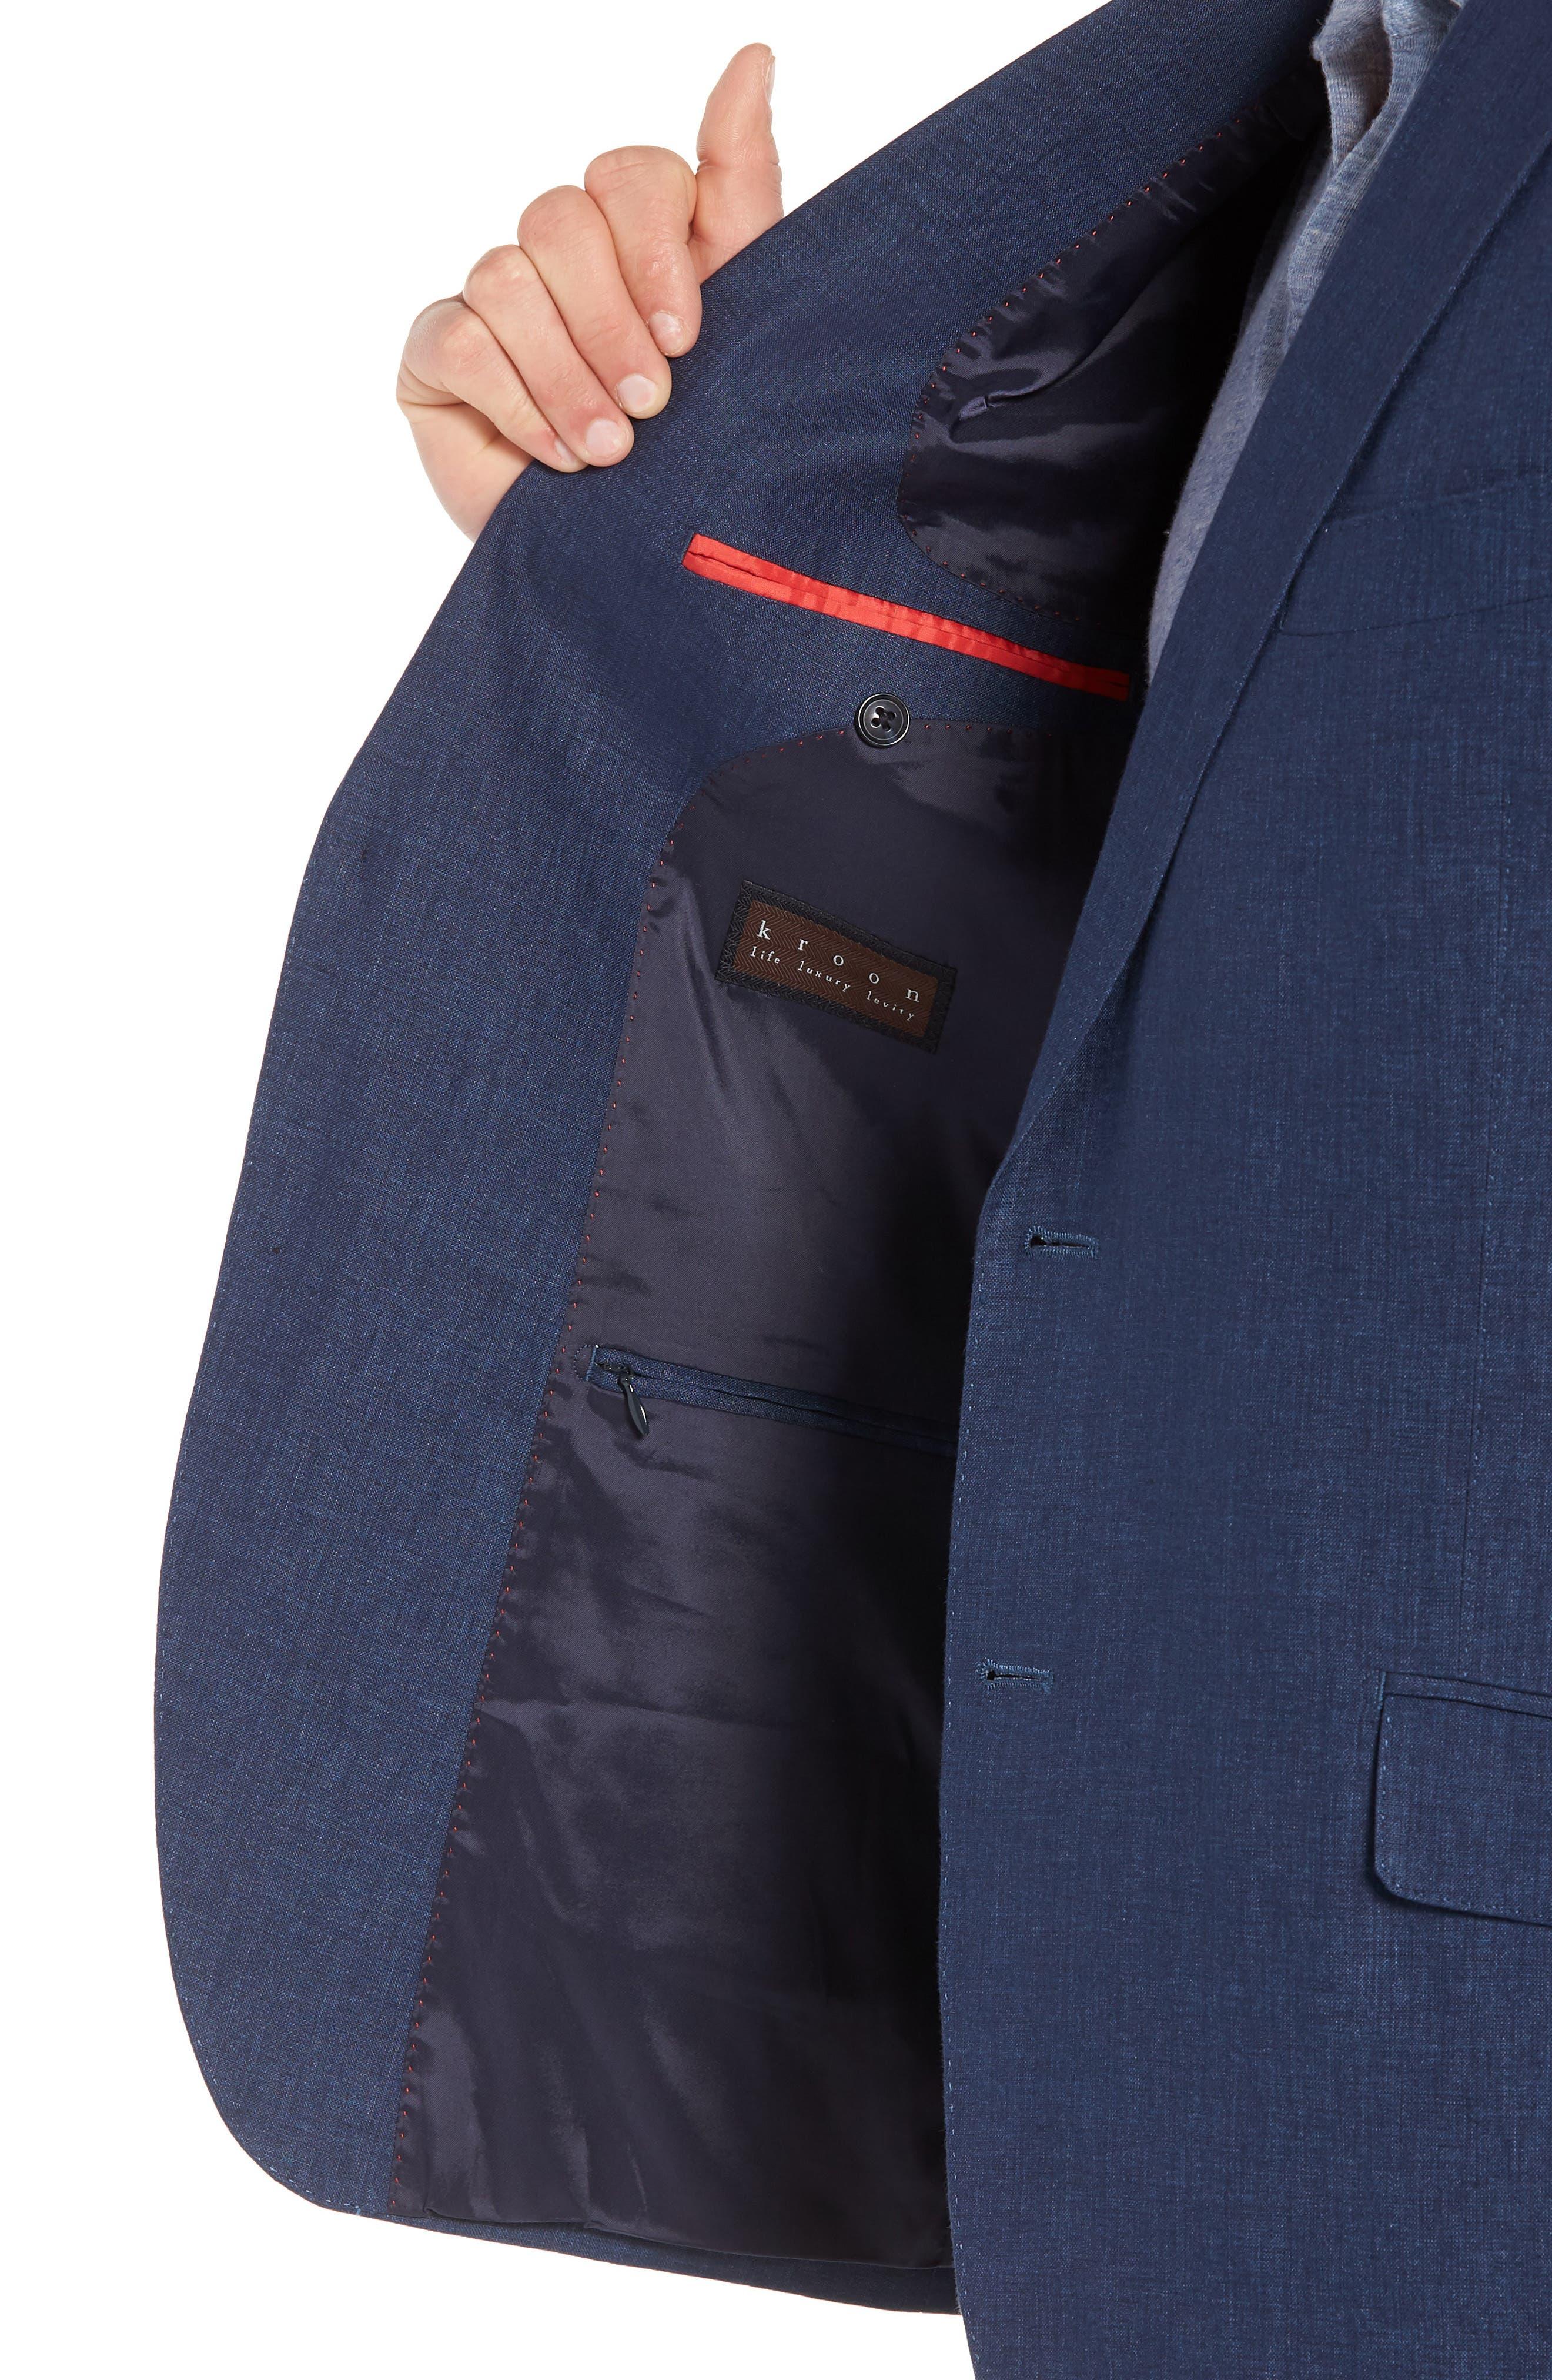 Jack AIM Classic Fit Linen Blazer,                             Alternate thumbnail 4, color,                             NAVY